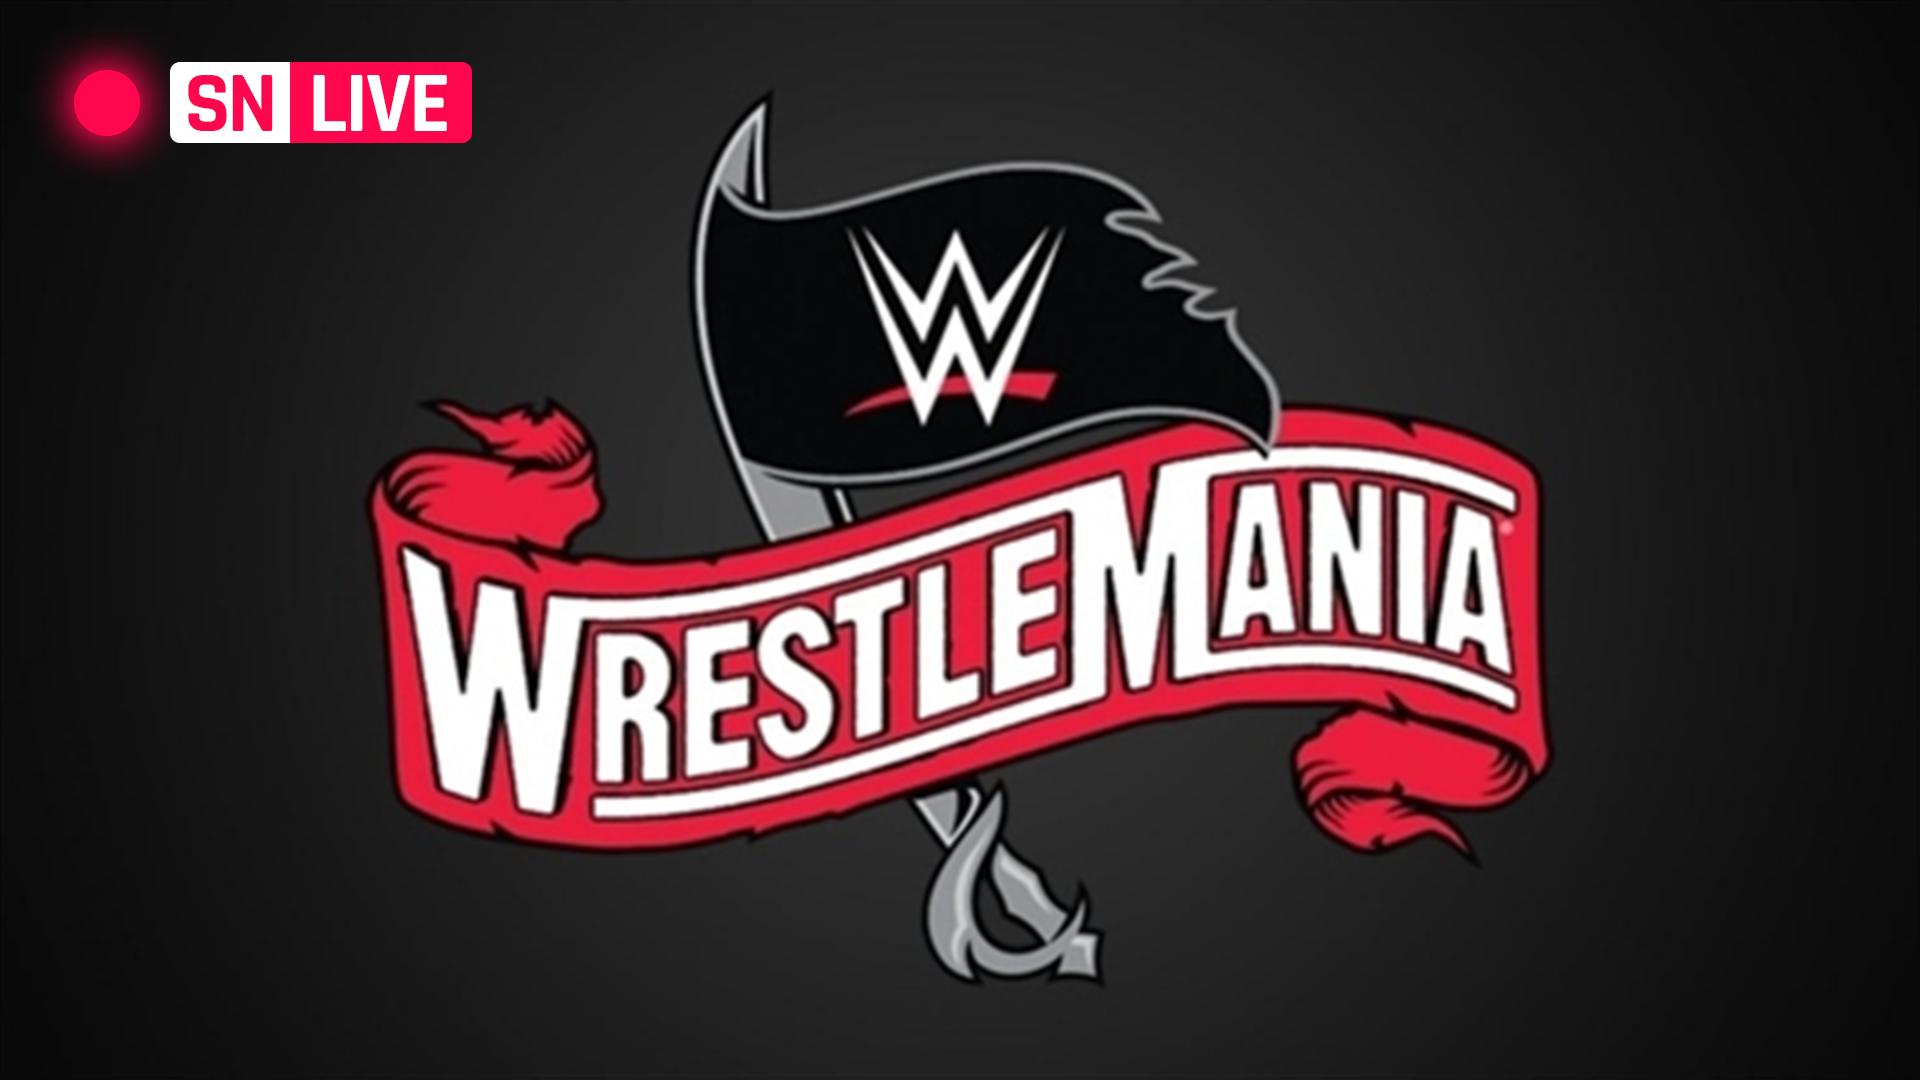 WrestleMania 36 actualizaciones en vivo, resultados y destacados de cada partido en la noche 1 3